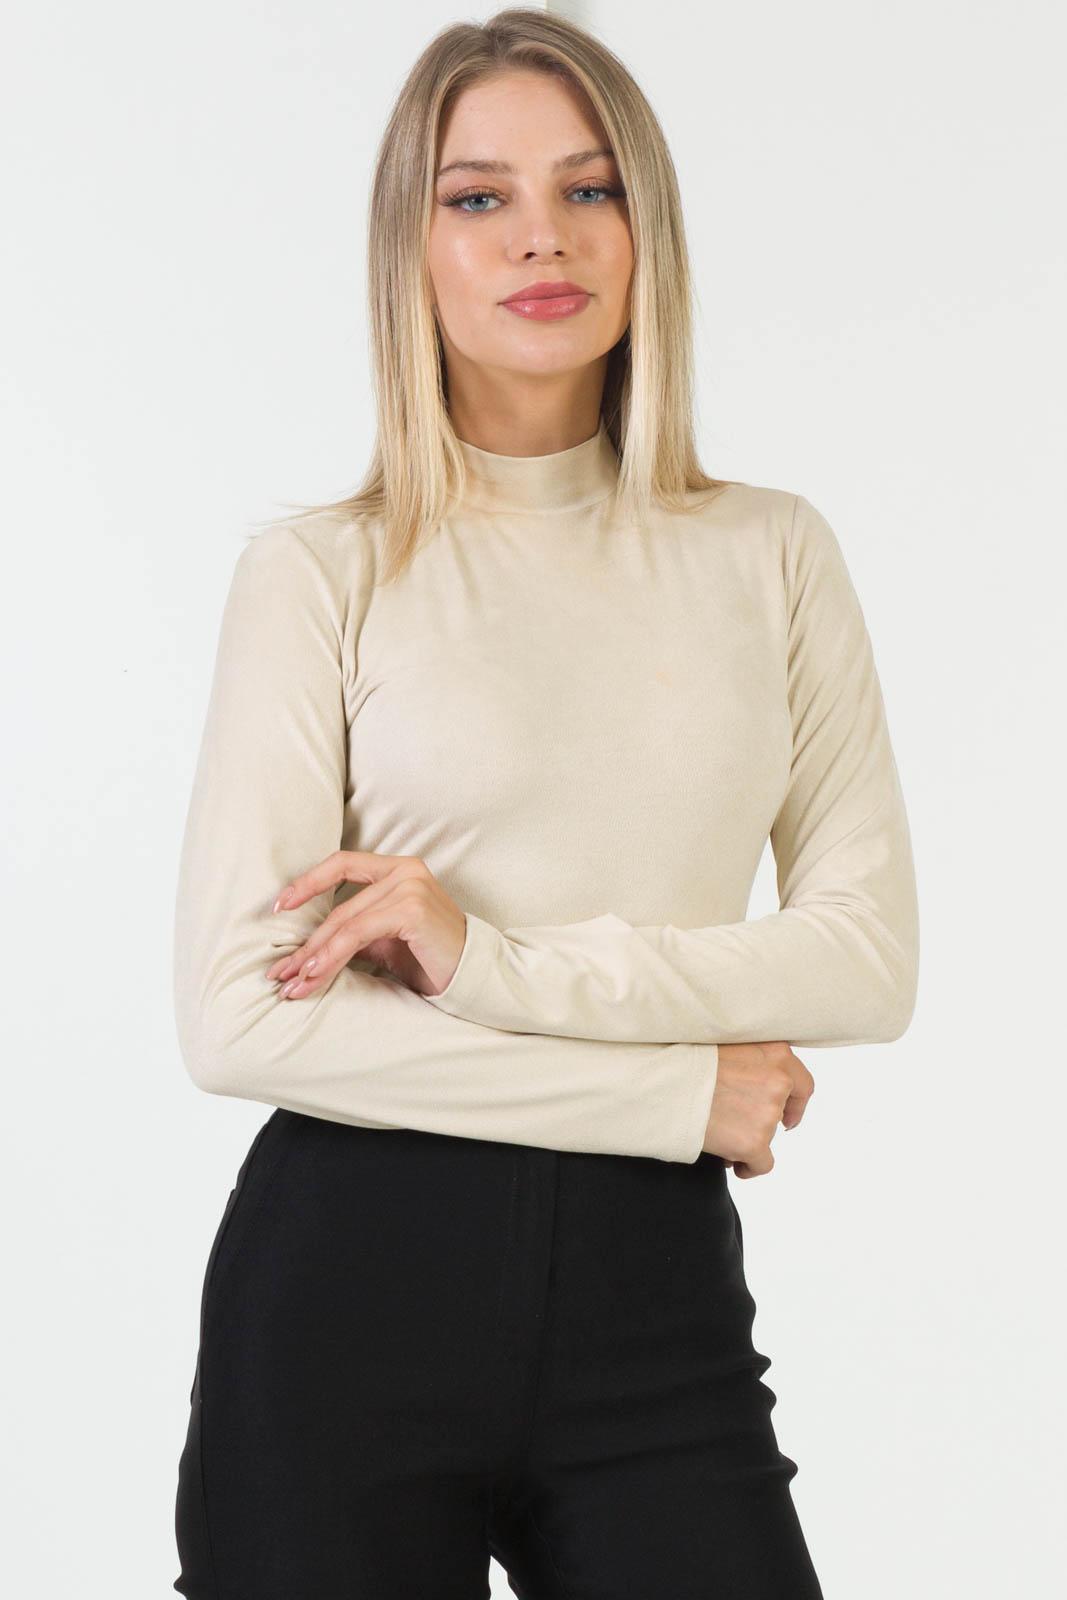 BLUSA ALESSANDRA - BEGE